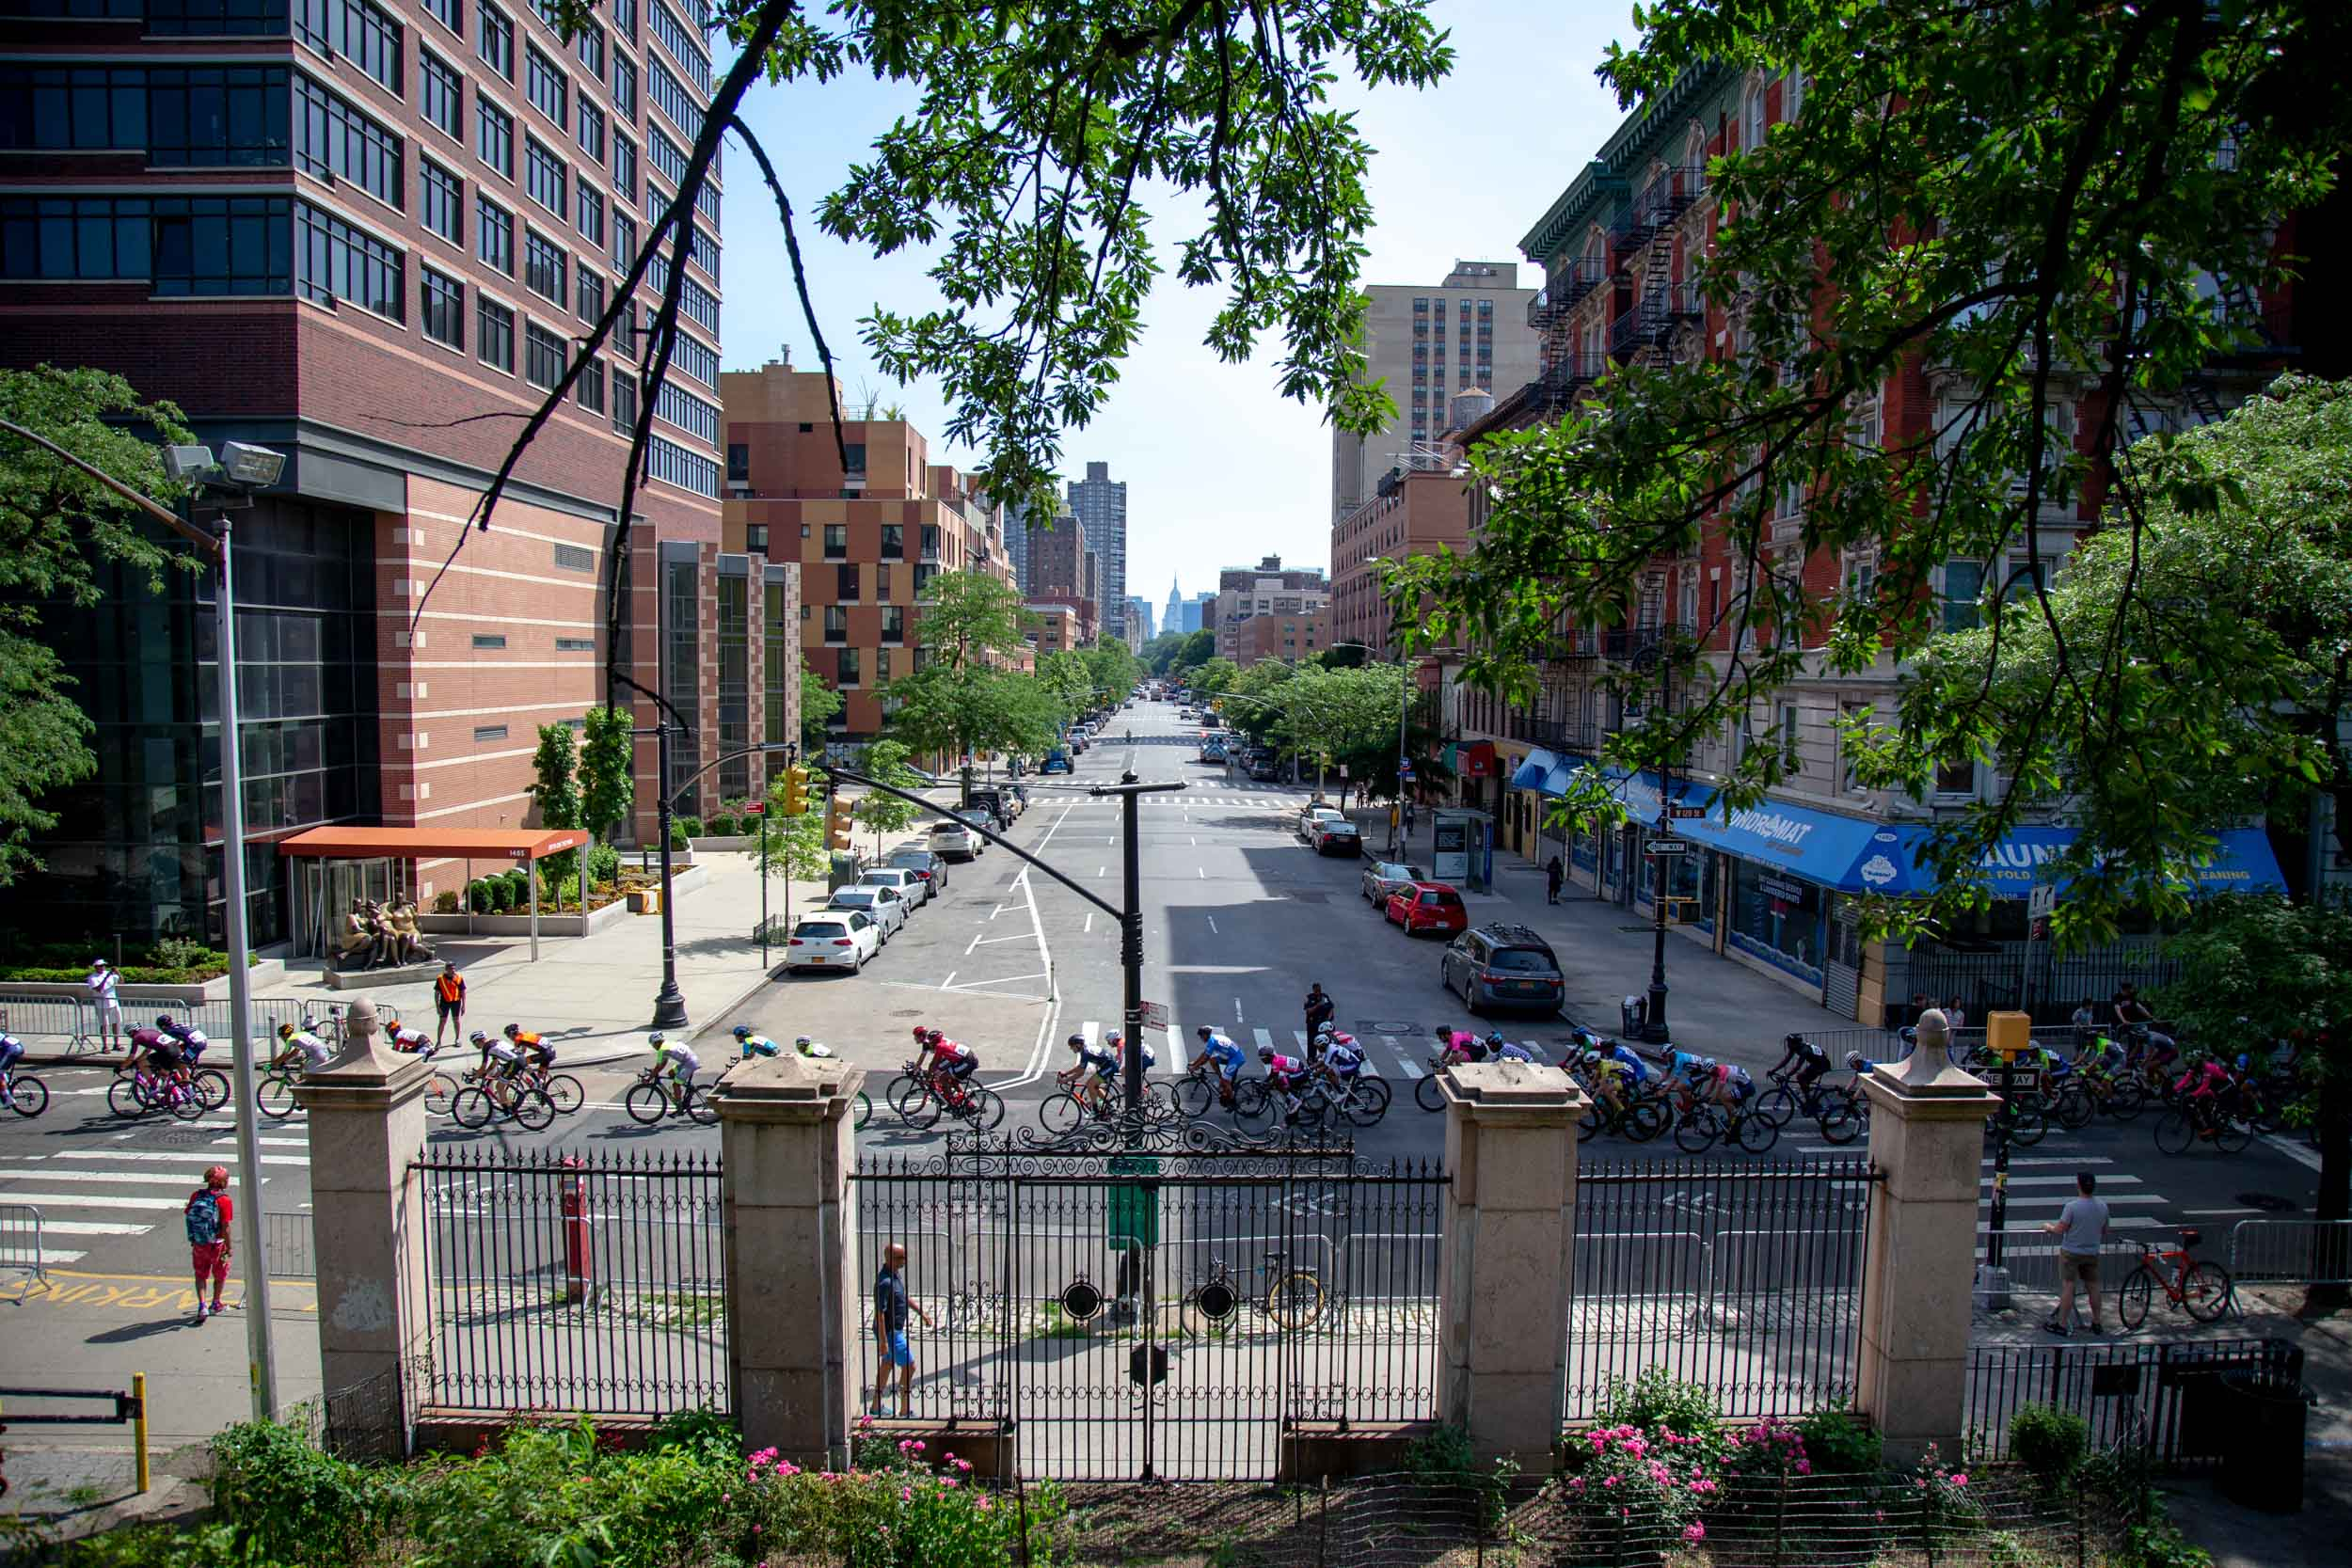 Harlem_17JUNE2018_BicycleRacingPictures_245.jpg